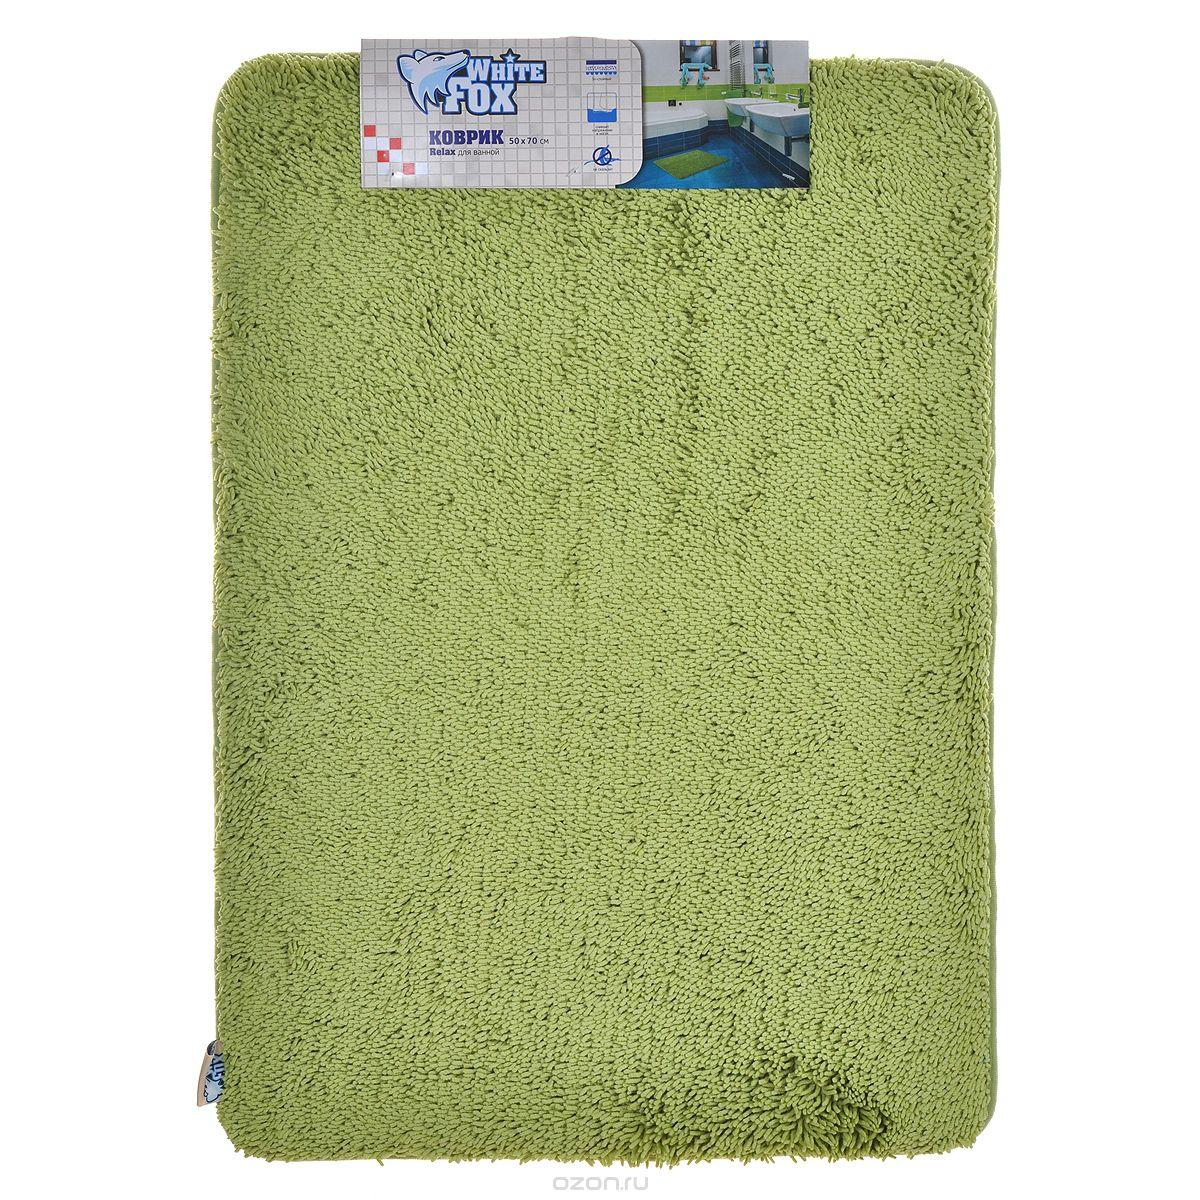 Коврик для ванной White Fox Relax. Газон, цвет: зеленый, 50 х 70 смWBBM20-138Коврик для ванной White Fox Relax. Газон подарит настоящий комфорт до и после принятия водных процедур. Коврик состоит из трех слоев: - верхний флисовый слой прекрасно дышит, благодаря чему коврик быстро высыхает; - основной слой выполнен из специального вспененного материала, который точно повторяет рельеф стопы, создает комфорт и полностью восстанавливает первоначальную форму; - нижний резиновый слой препятствует скольжению коврика на влажном полу.Коврик White Fox Relax. Газон равномерно распределяет нагрузку на всю поверхность стопы, снимая напряжение и усталость в ногах. Рекомендации по уходу: - ручная стирка; - не отбеливать; - не гладить; - можно подвергать химчистке; - деликатные отжим и сушка.